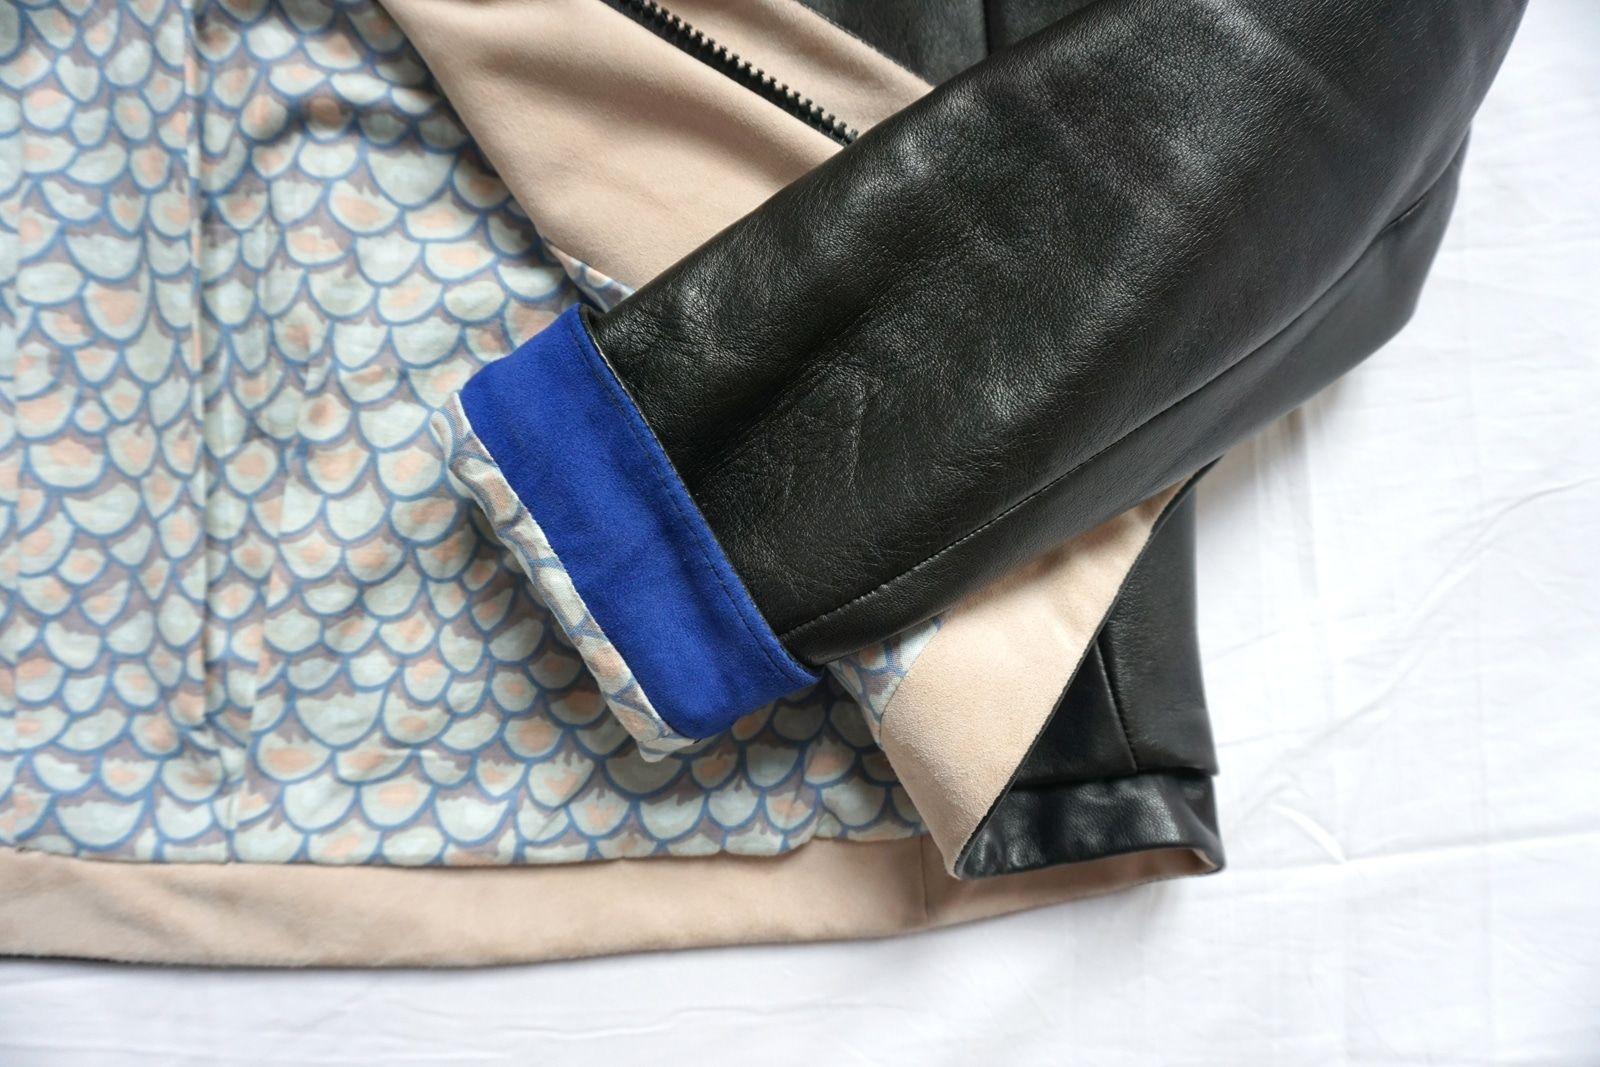 Realisation patronnage - toile - modele final - Sur-mesure - Veste en cuir d agneau napa - Femme - Noire - Doublure imprimee - Detail de montage du poignet